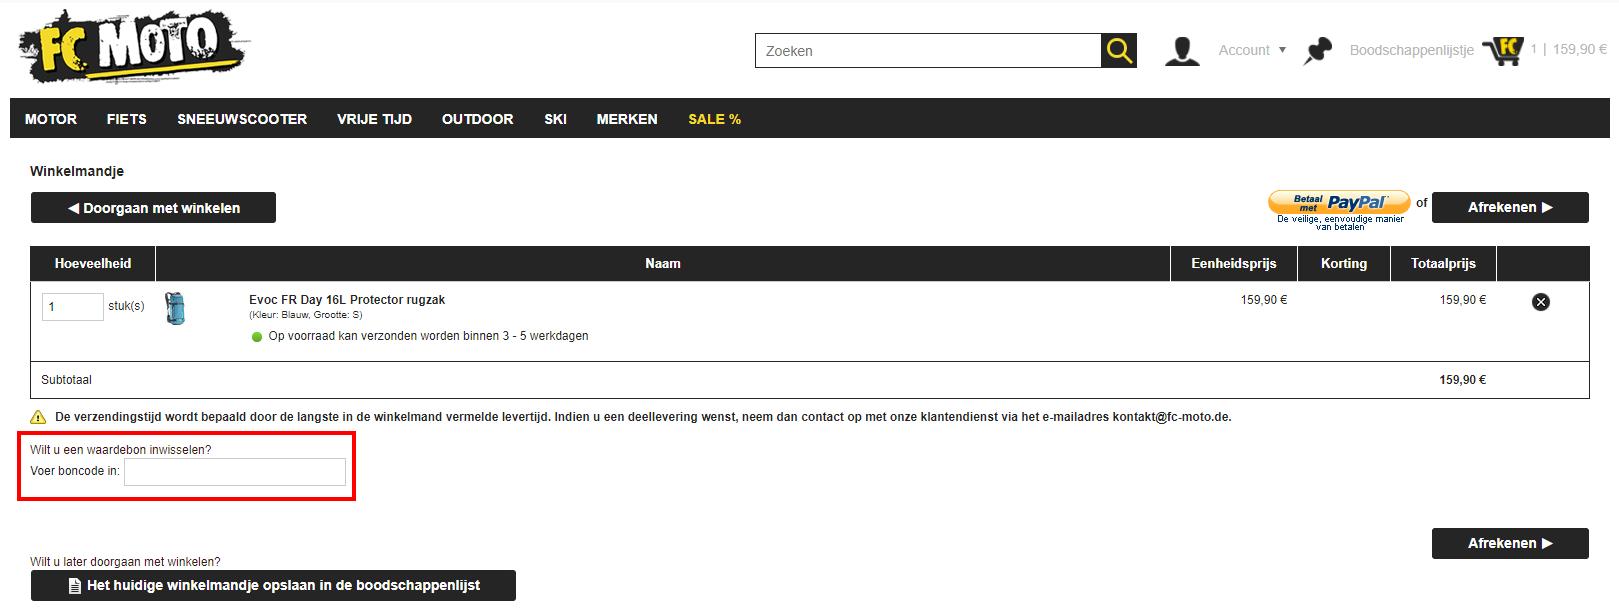 FC Moto kortingscode gebruiken